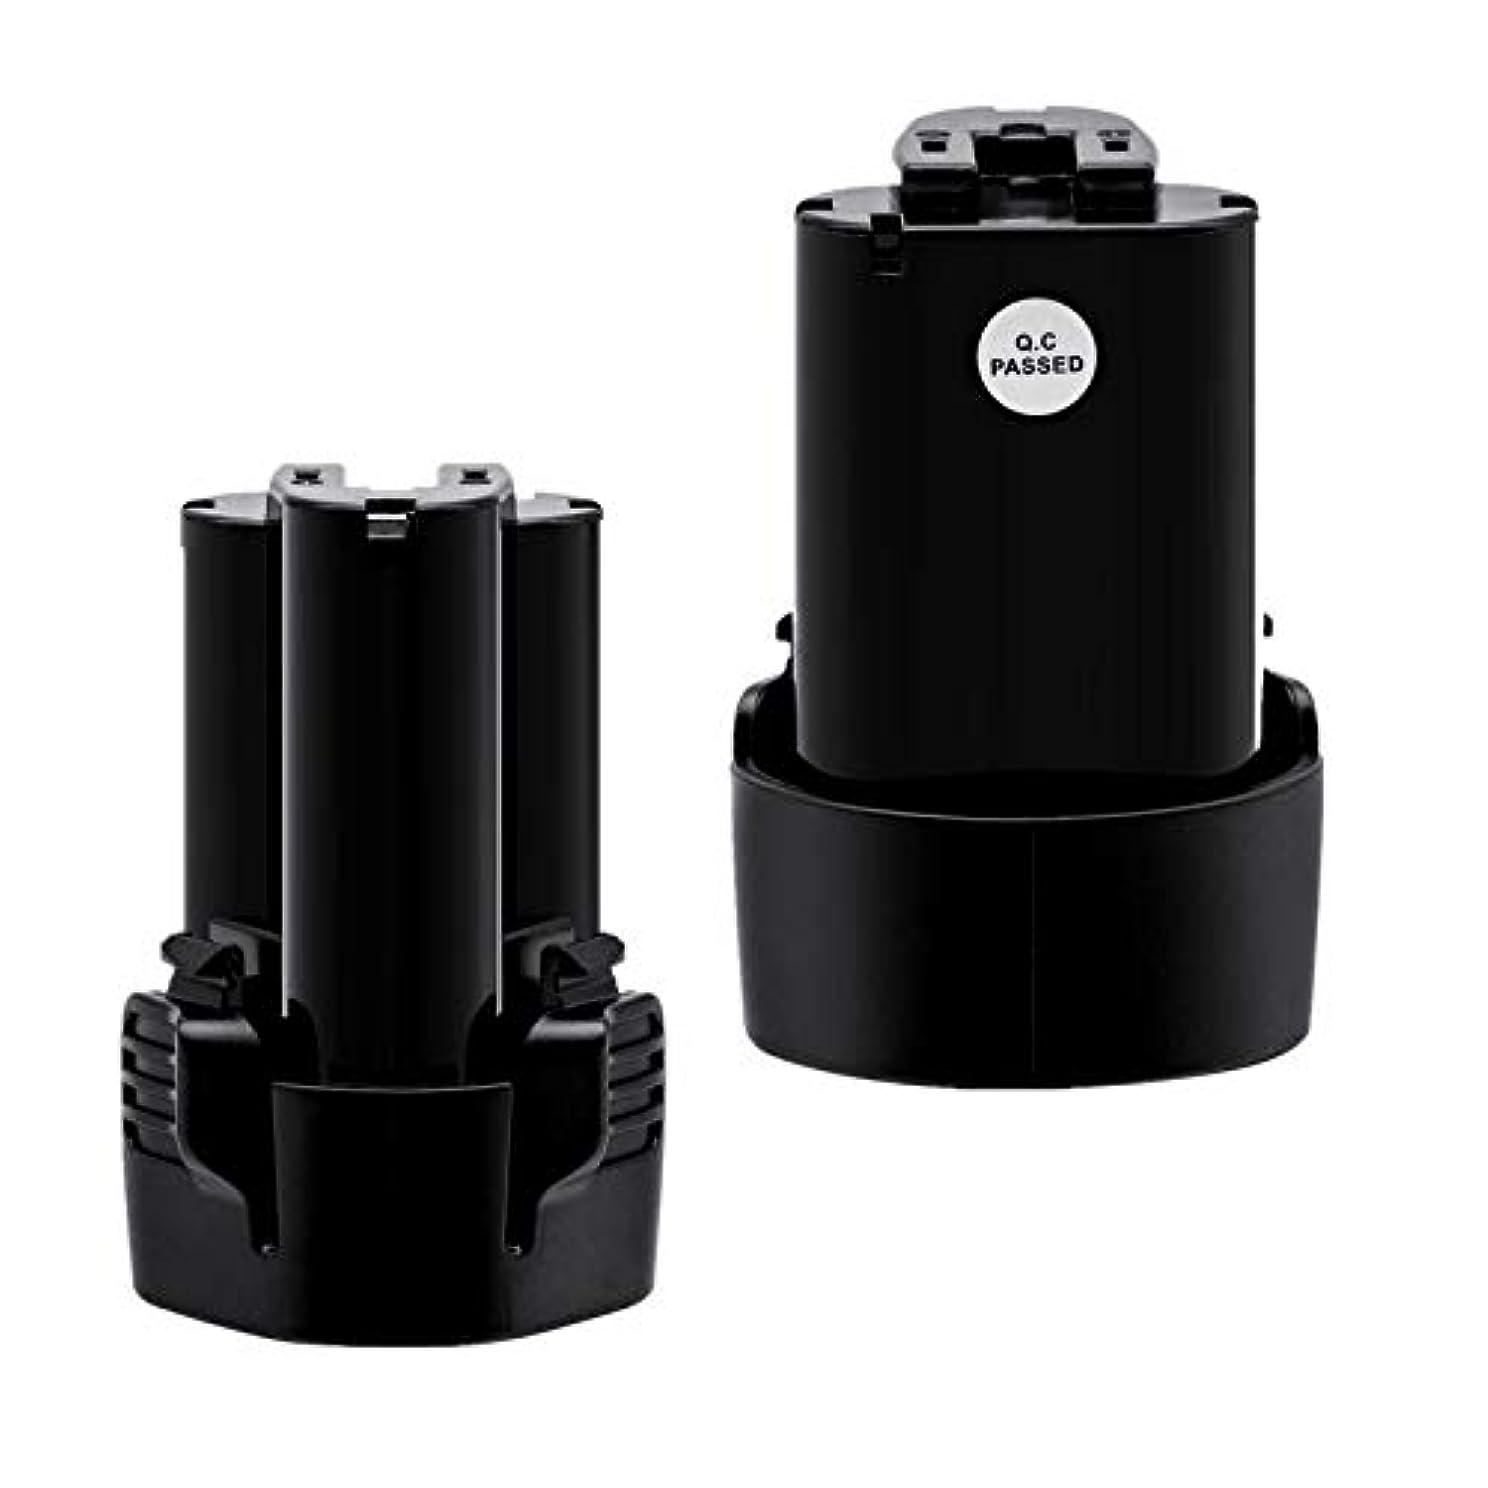 表面的なペインティング結び目マキタ BL1013 10.8 v 3.0Ahマキタ 10.8V 互換バッテリー電動工具用電池 BL1030 BL1014 194550-6 194551-4 195332-9に対応 1年安心の品質保証 2個セット